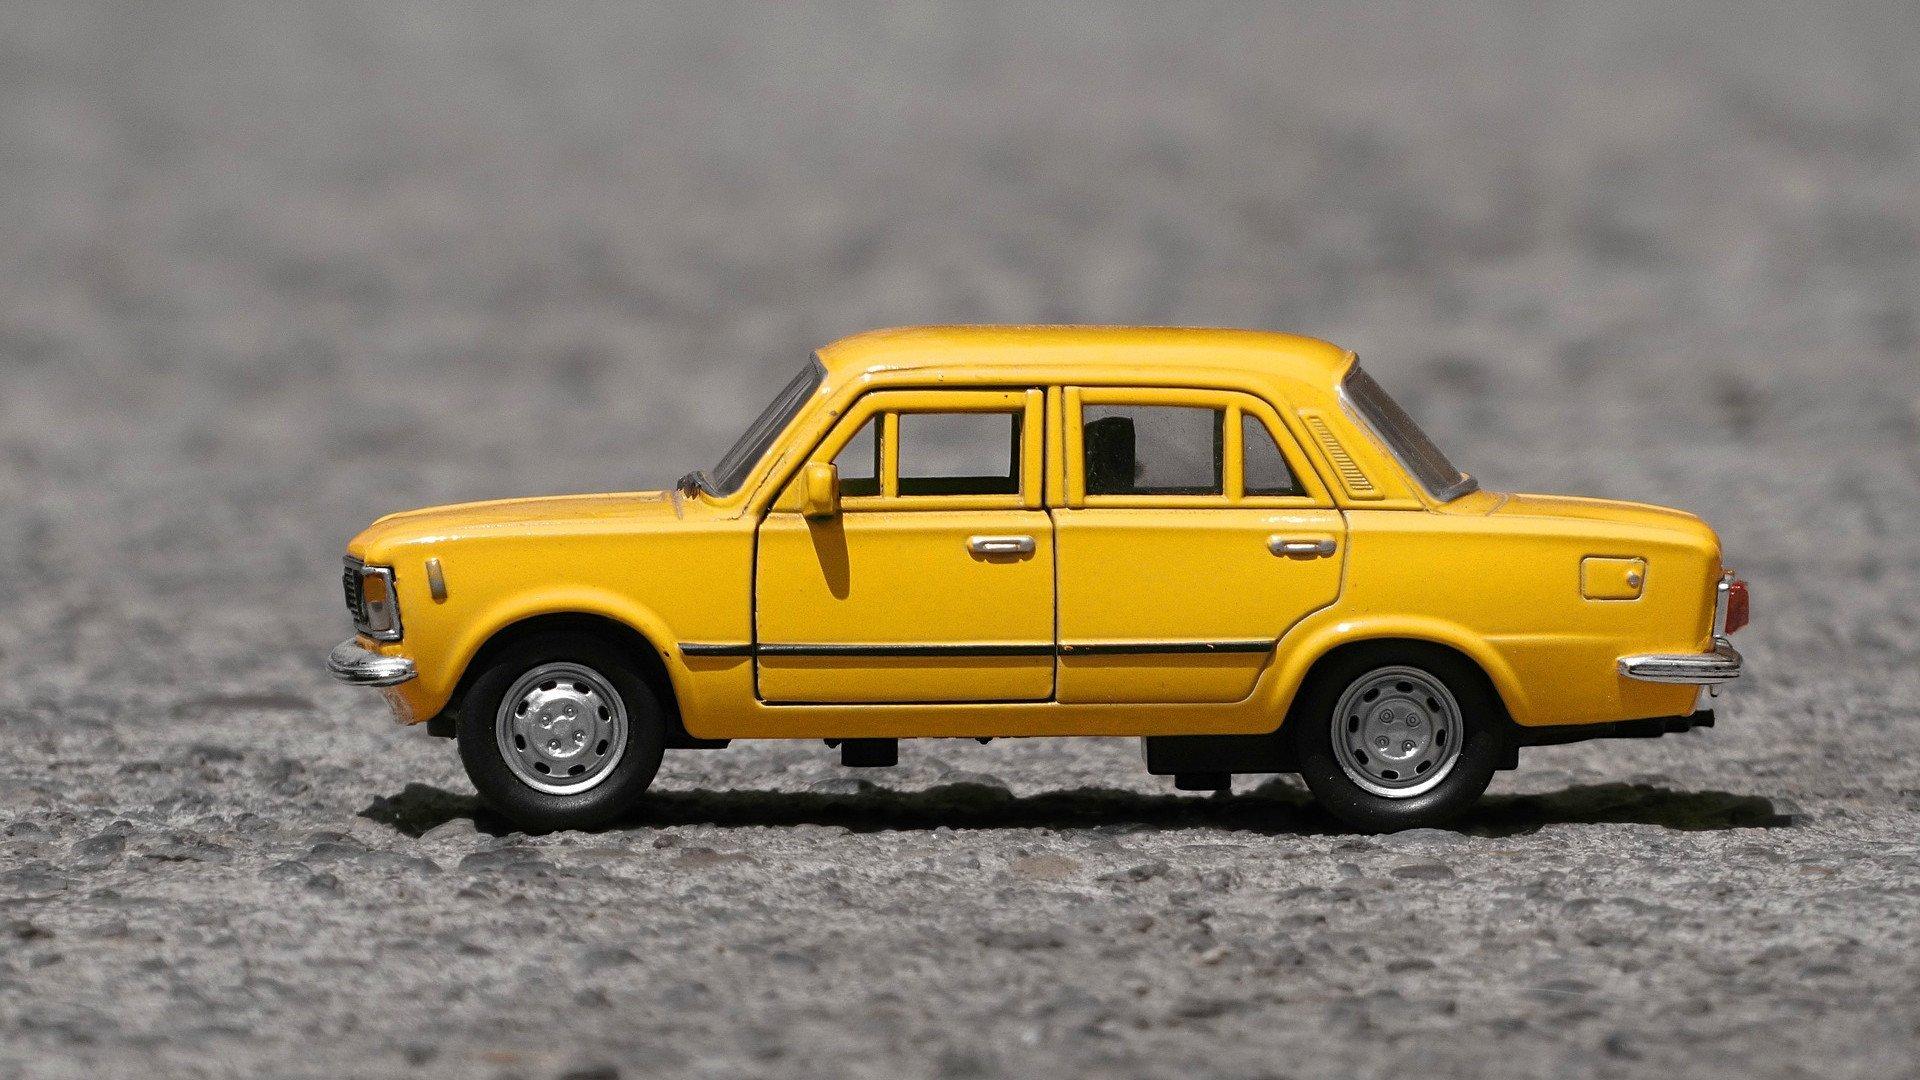 Comment faire des économies sur son assurance auto ? 39